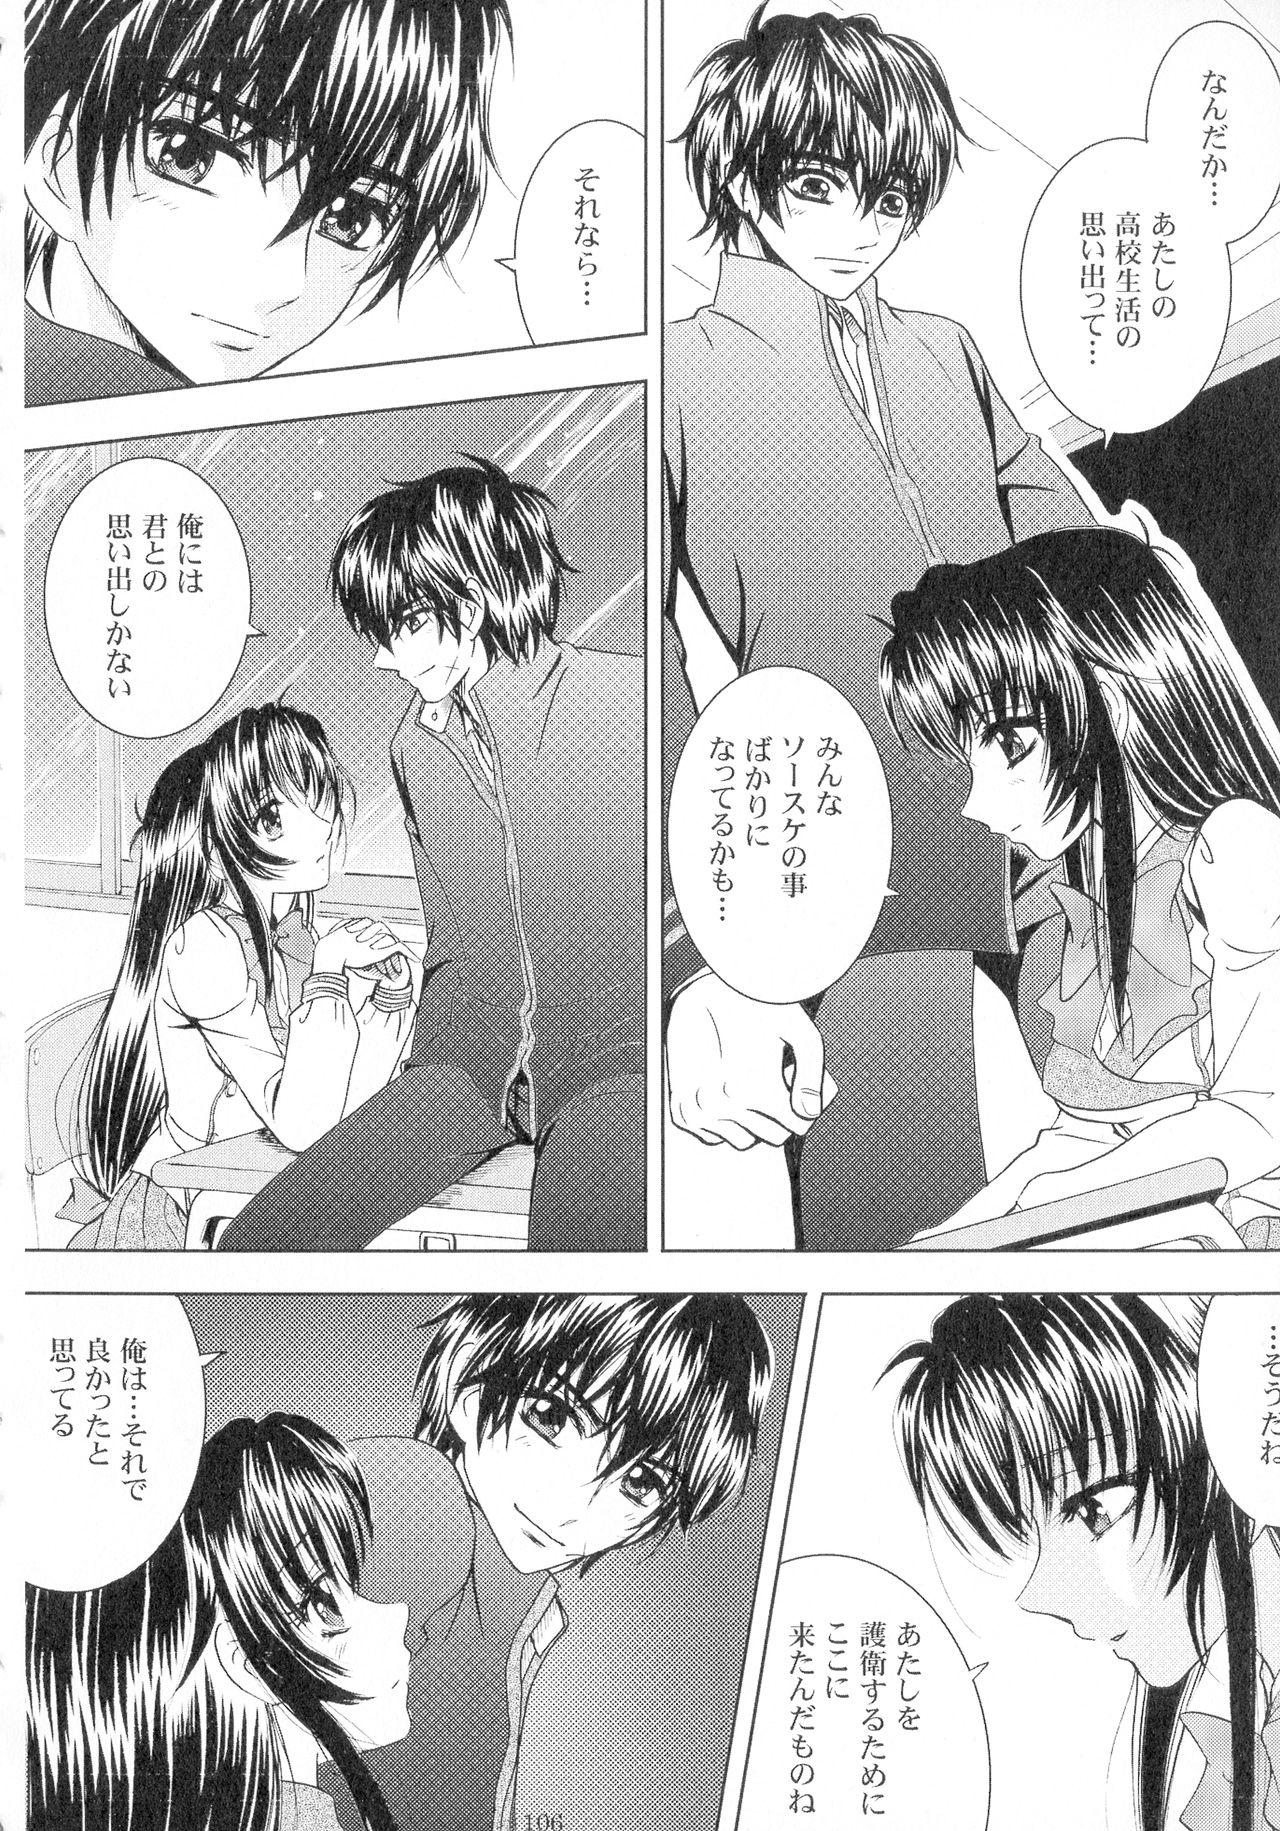 SEXY PANIC Sairokushuu Vol. 4 106